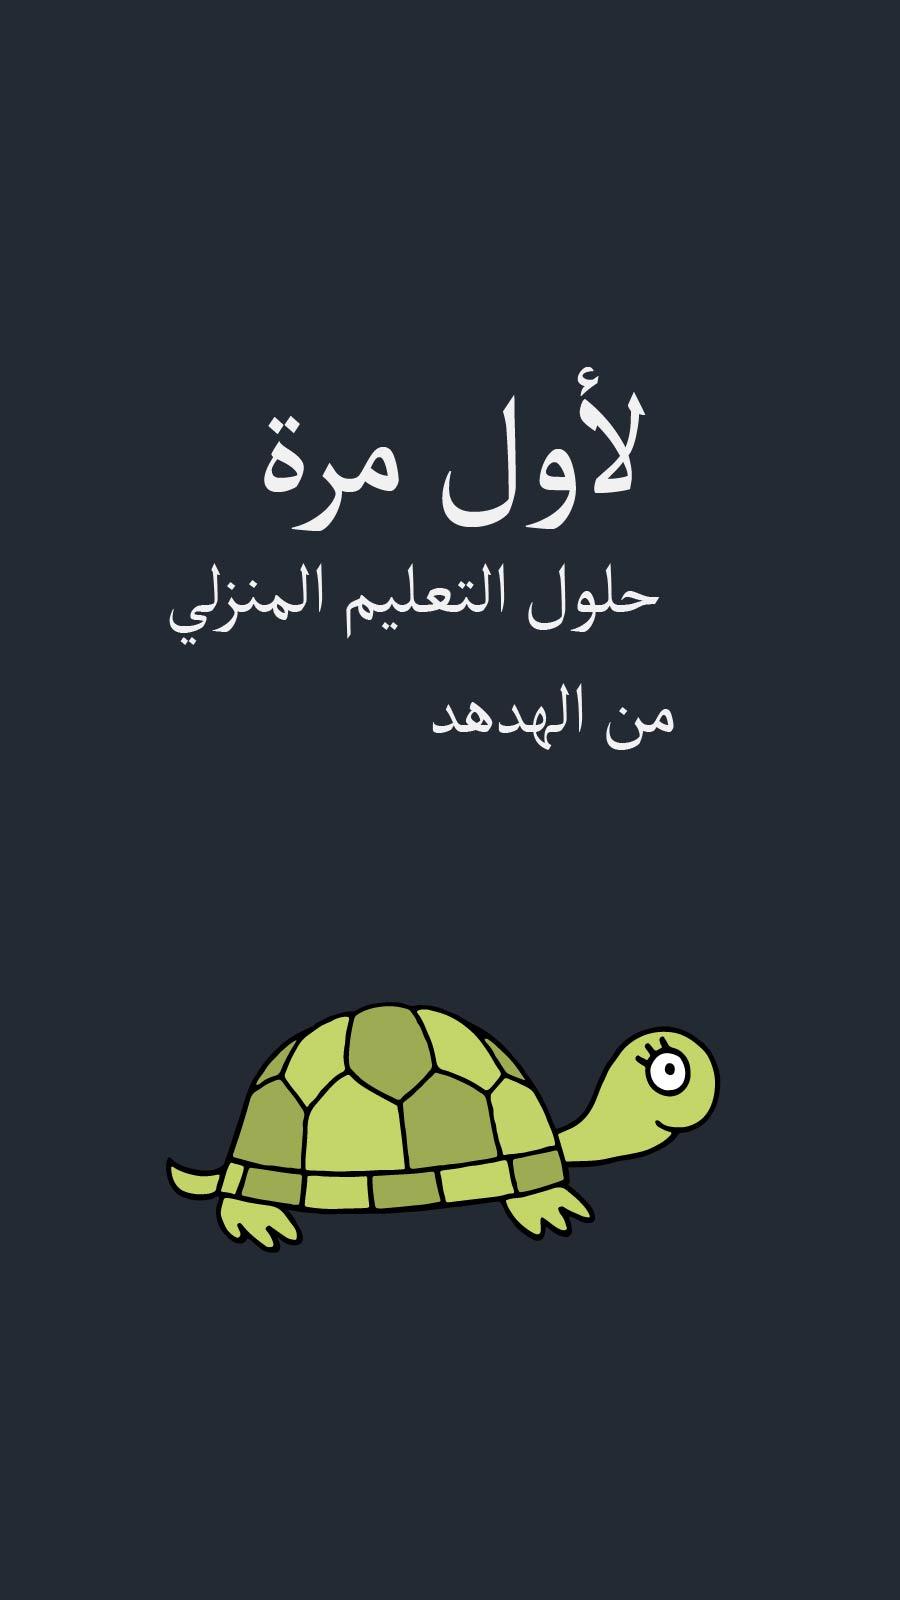 حلول تعليم العربية من المنزل